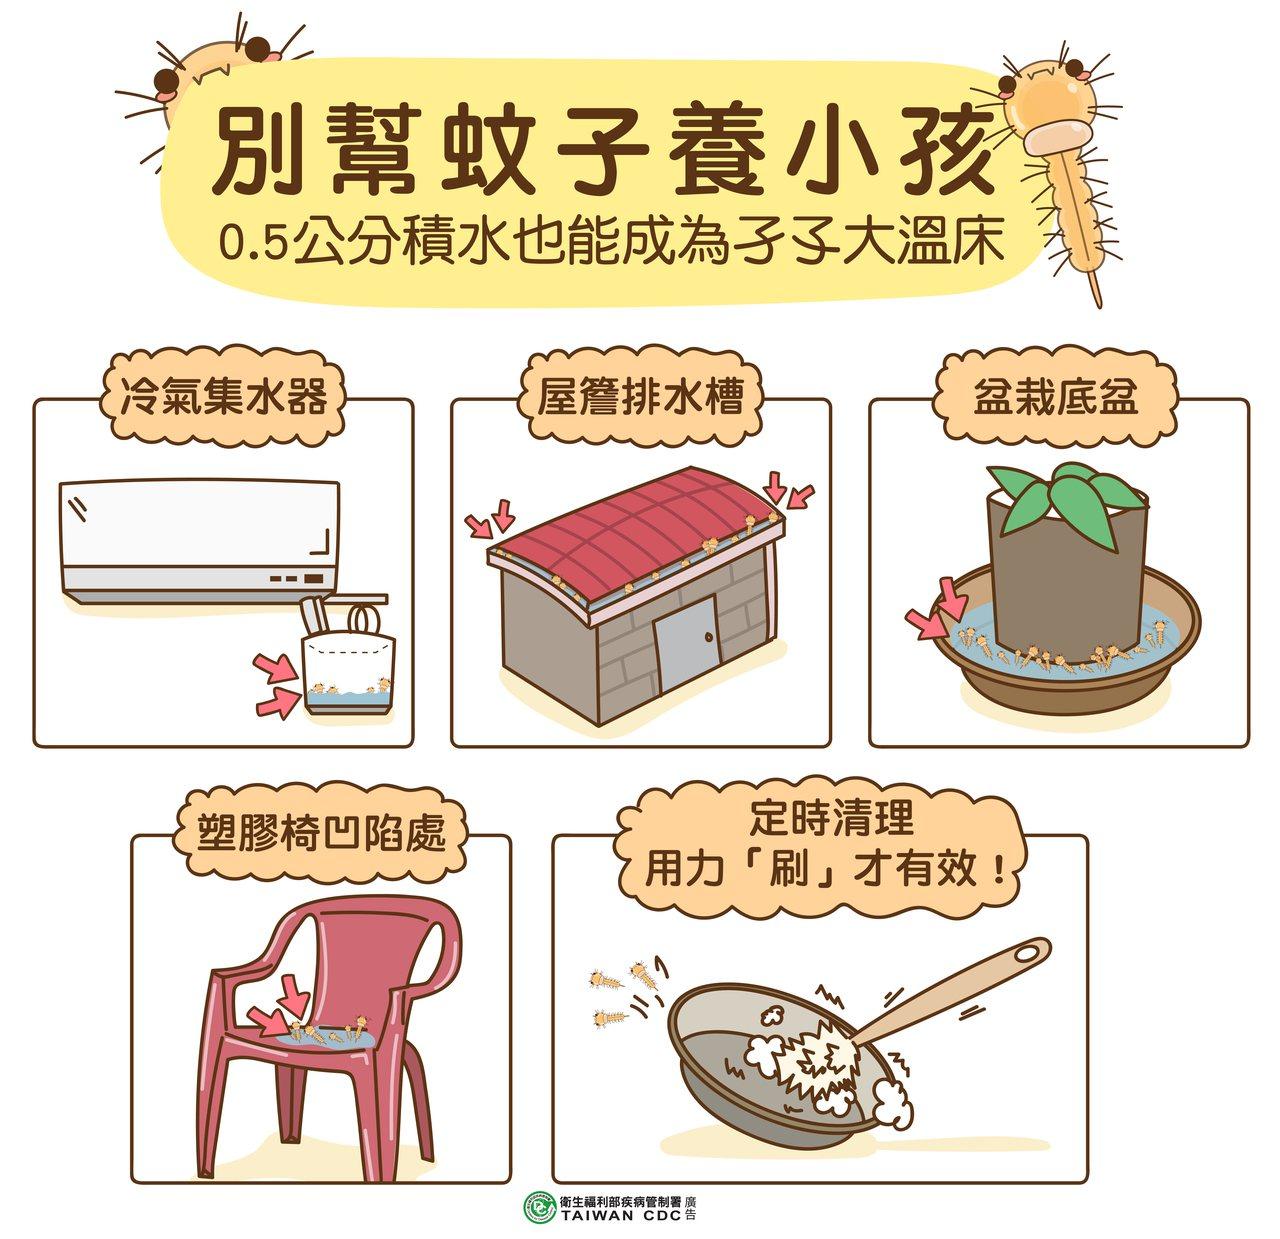 大雨過後別幫蚊子養小孩,清除積水容器杜絕孑孓溫床。圖/疾管署提供